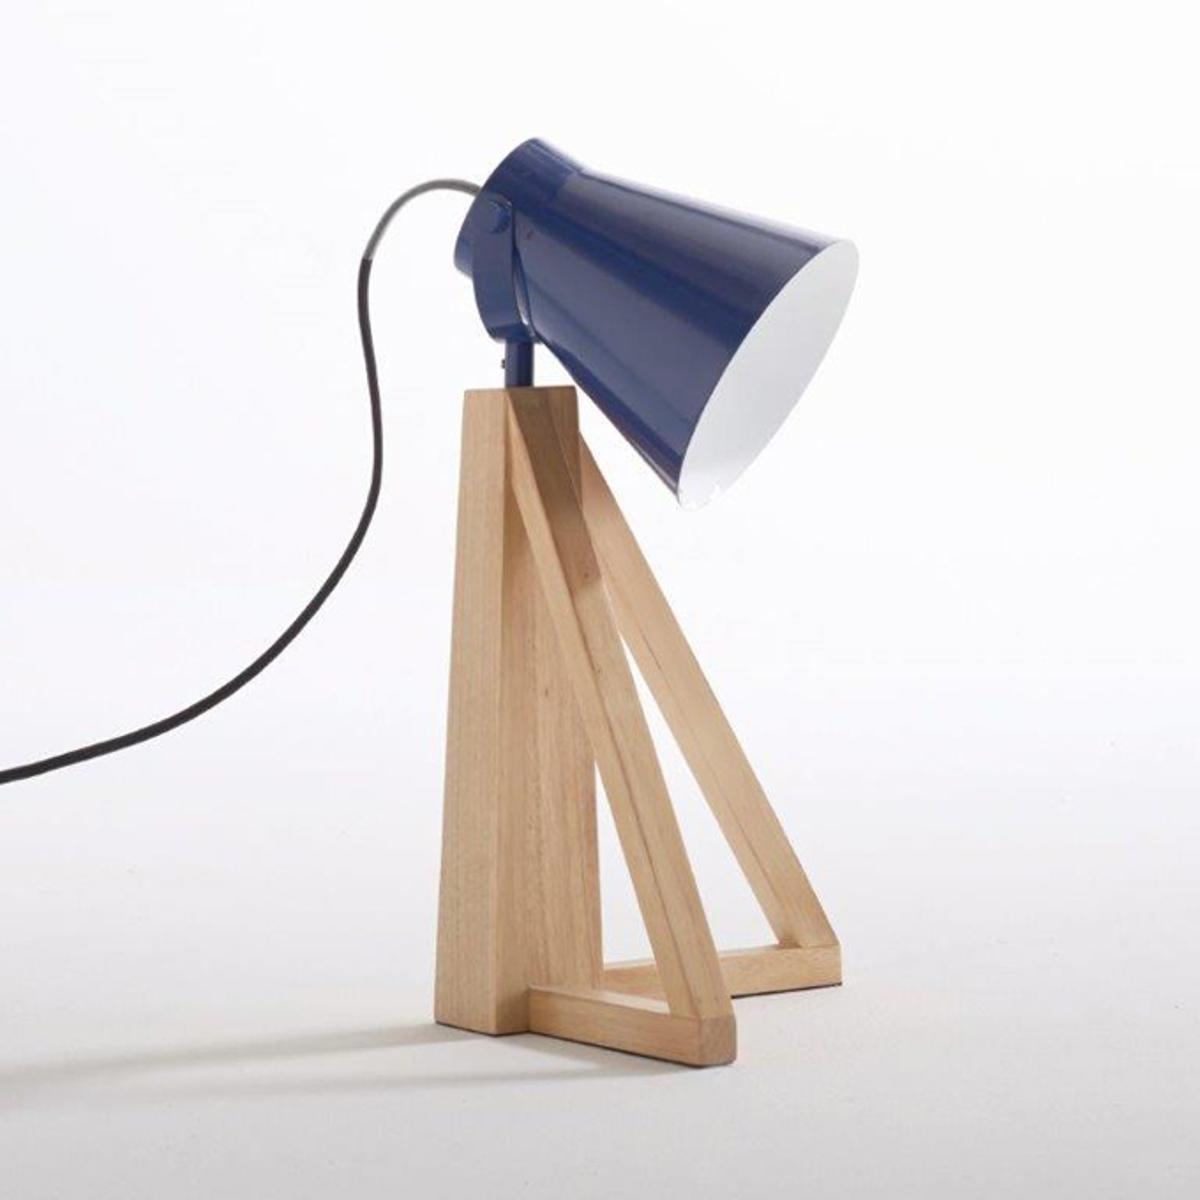 Лампа настольная, LidaОписание лампы, Lida :Патрон E14 для лампочки 11W (не входит в комплект)  Кабель из серого текстиля длина 1,95 м .Этот светильник совместим с лампочками    энергетического класса    : AХарактеристики лампы, Lida :Ножка из гельвеи.Абажур из металла с эпоксидным покрытием Всю коллекцию светильников вы можете найти на сайте laredoute..Размеры лампы, Lida :Диаметр : 27 смВысота : 43 см.<br><br>Цвет: синий